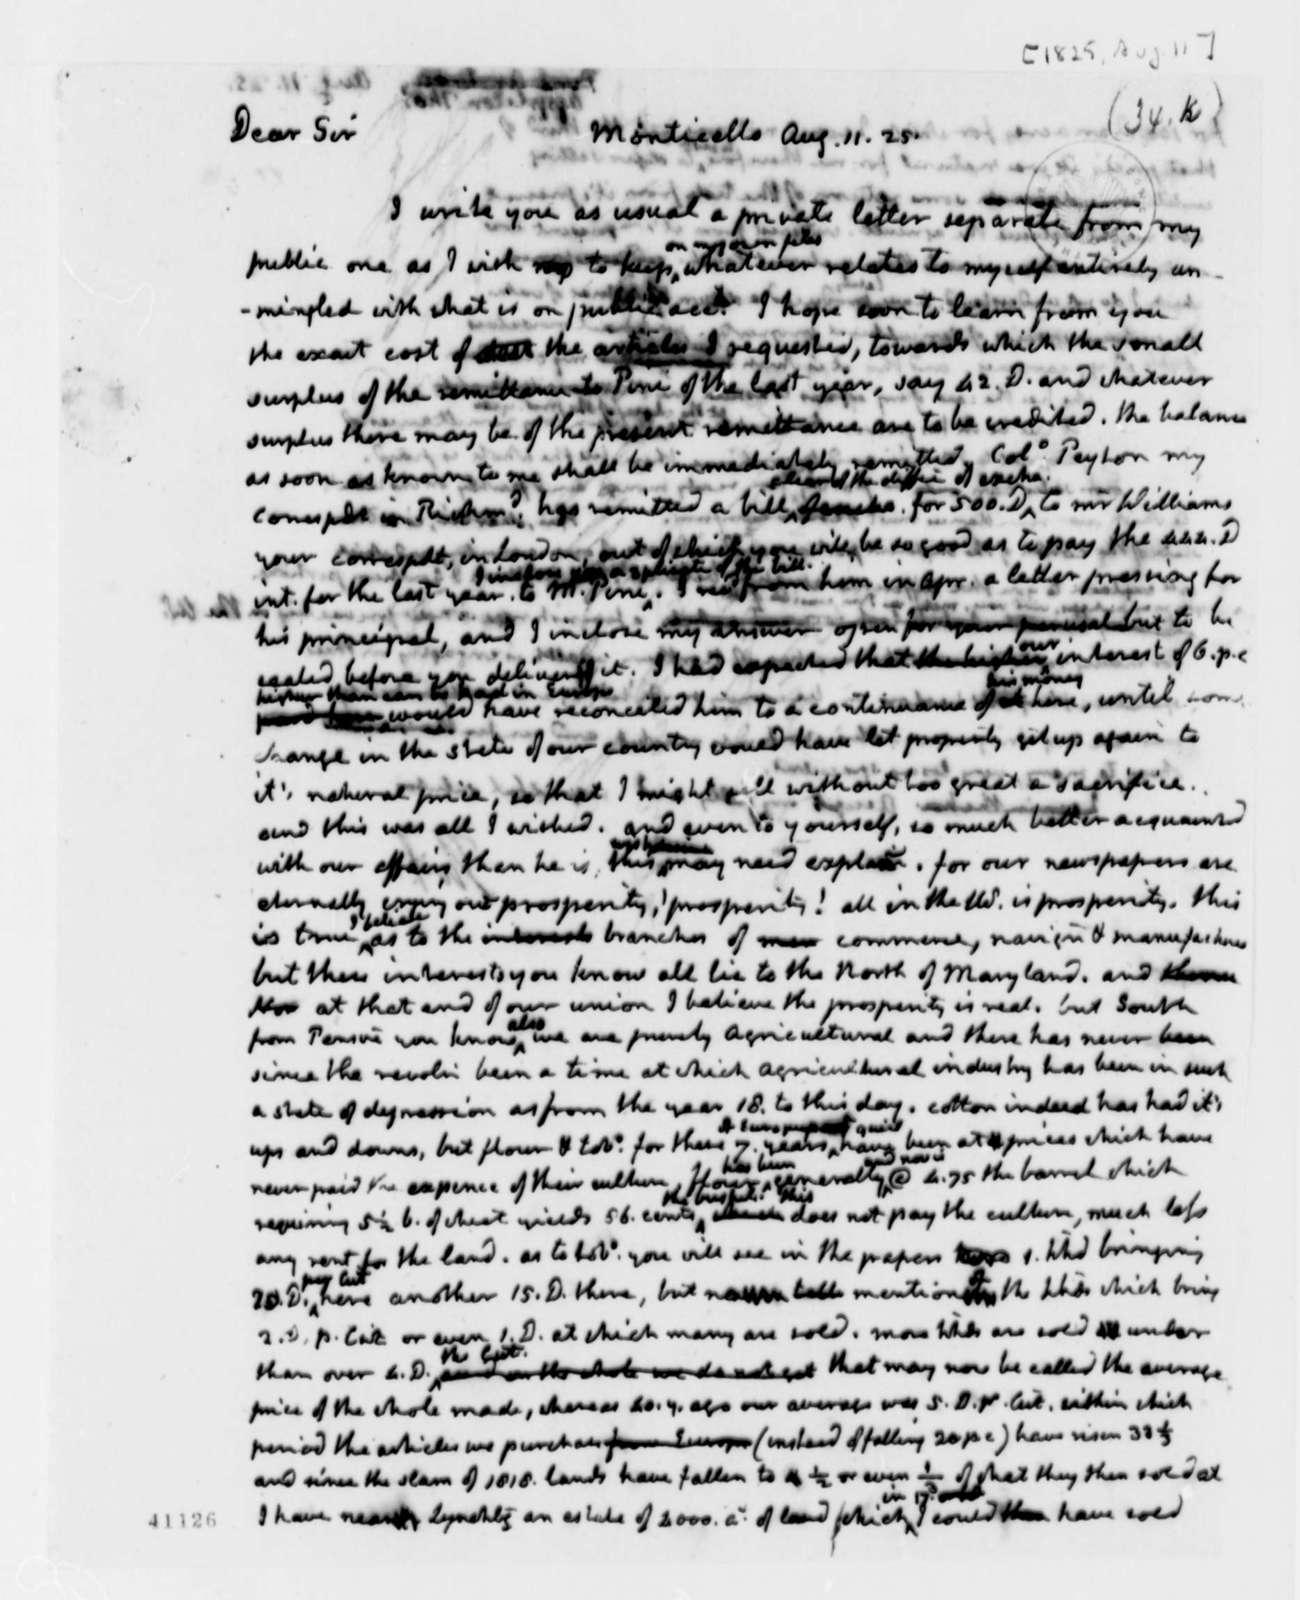 Thomas Jefferson to Thomas Appleton, August 11, 1825